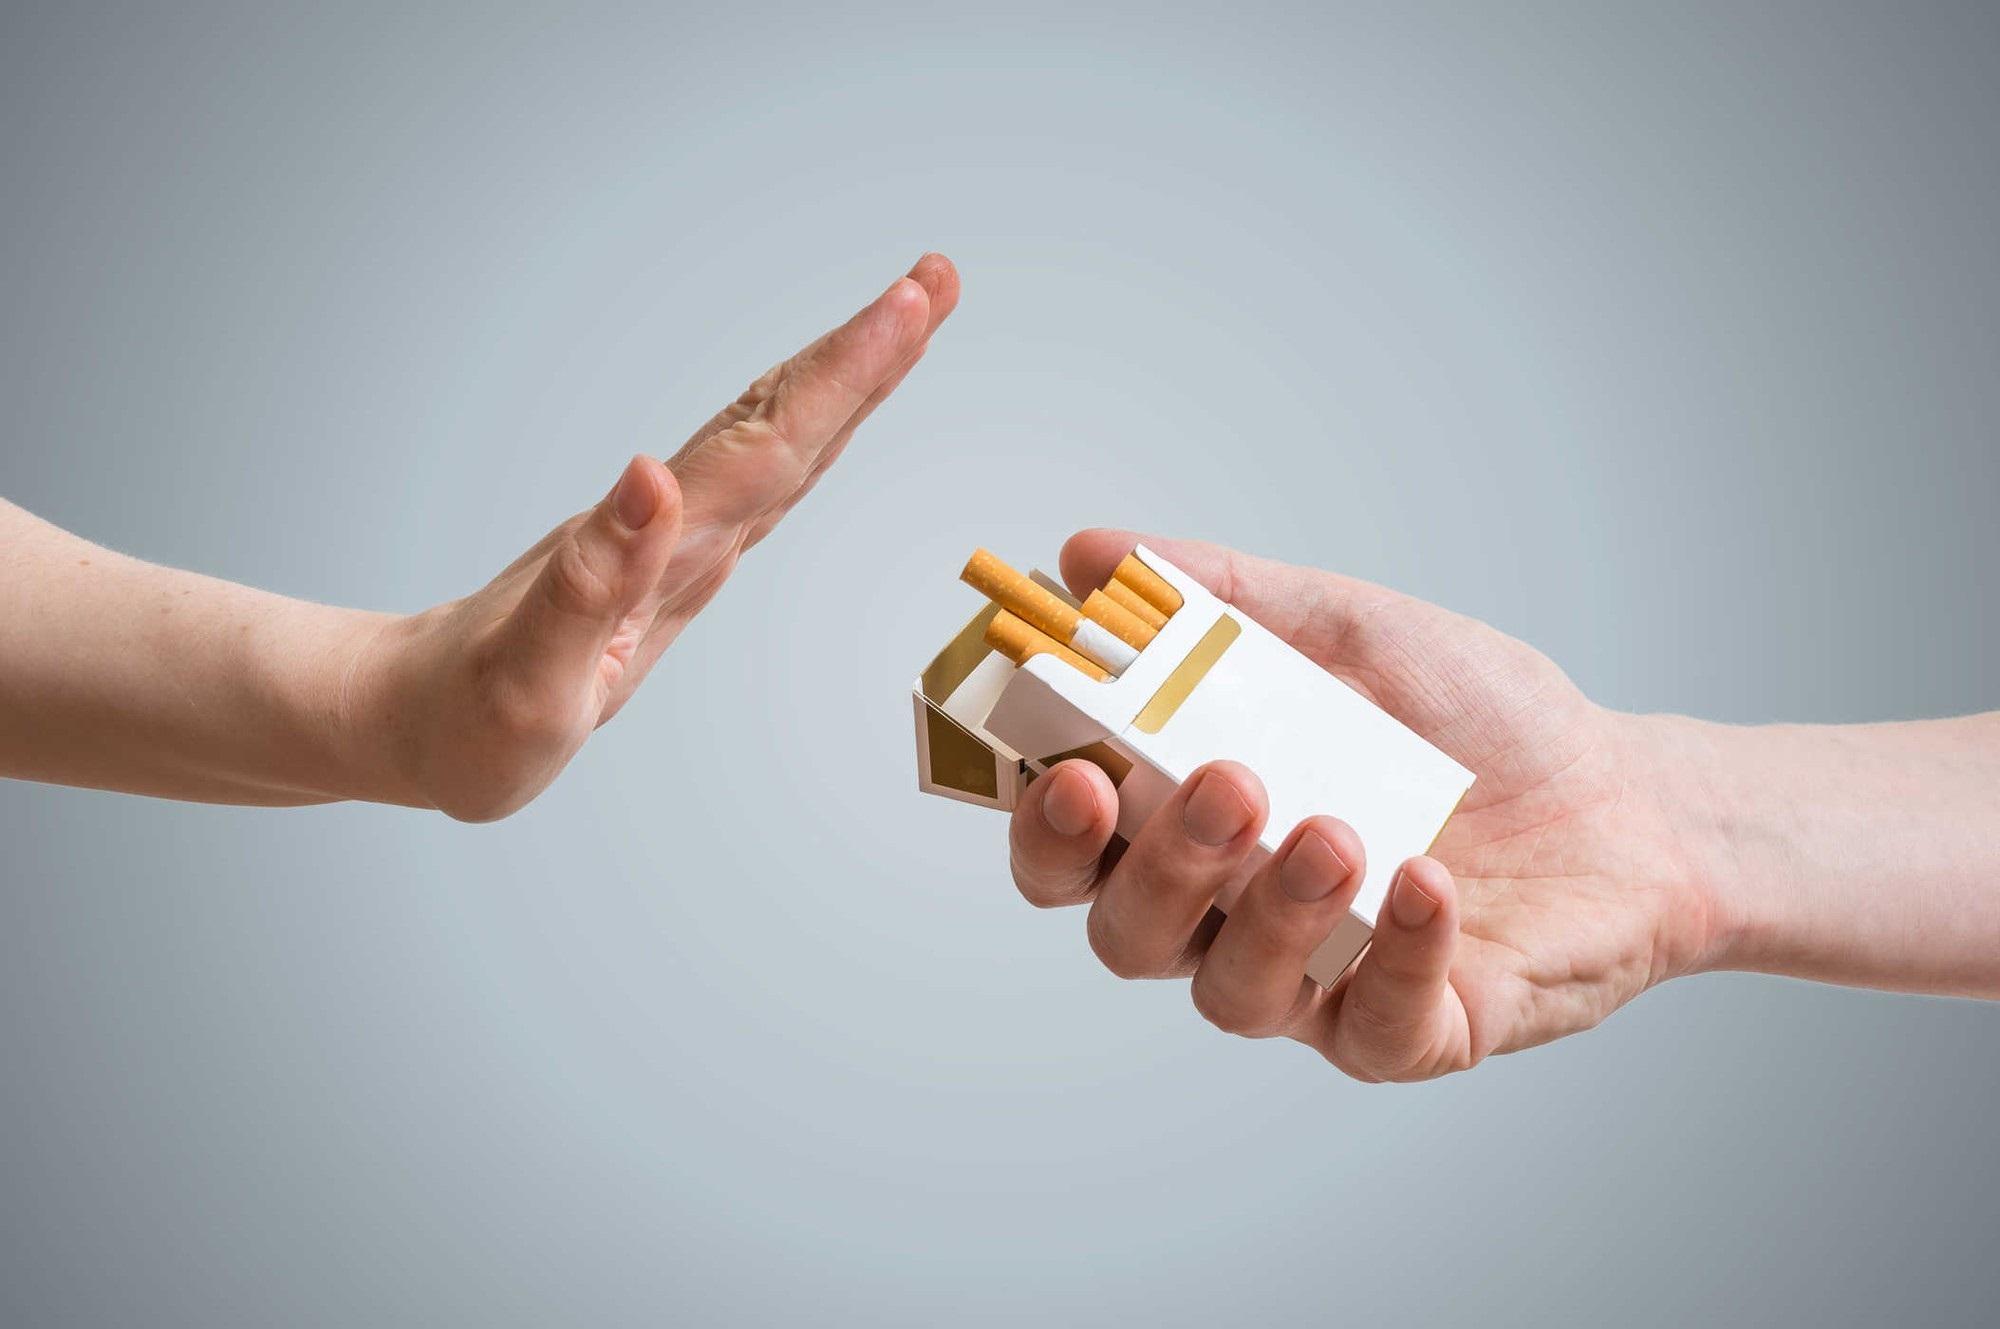 Sửa ngay những thói xấu khiến bạn dễ mắc bệnh ung thư vòm họng, cái số 3 giới trẻ mắc phải rất nhiều - Ảnh 5